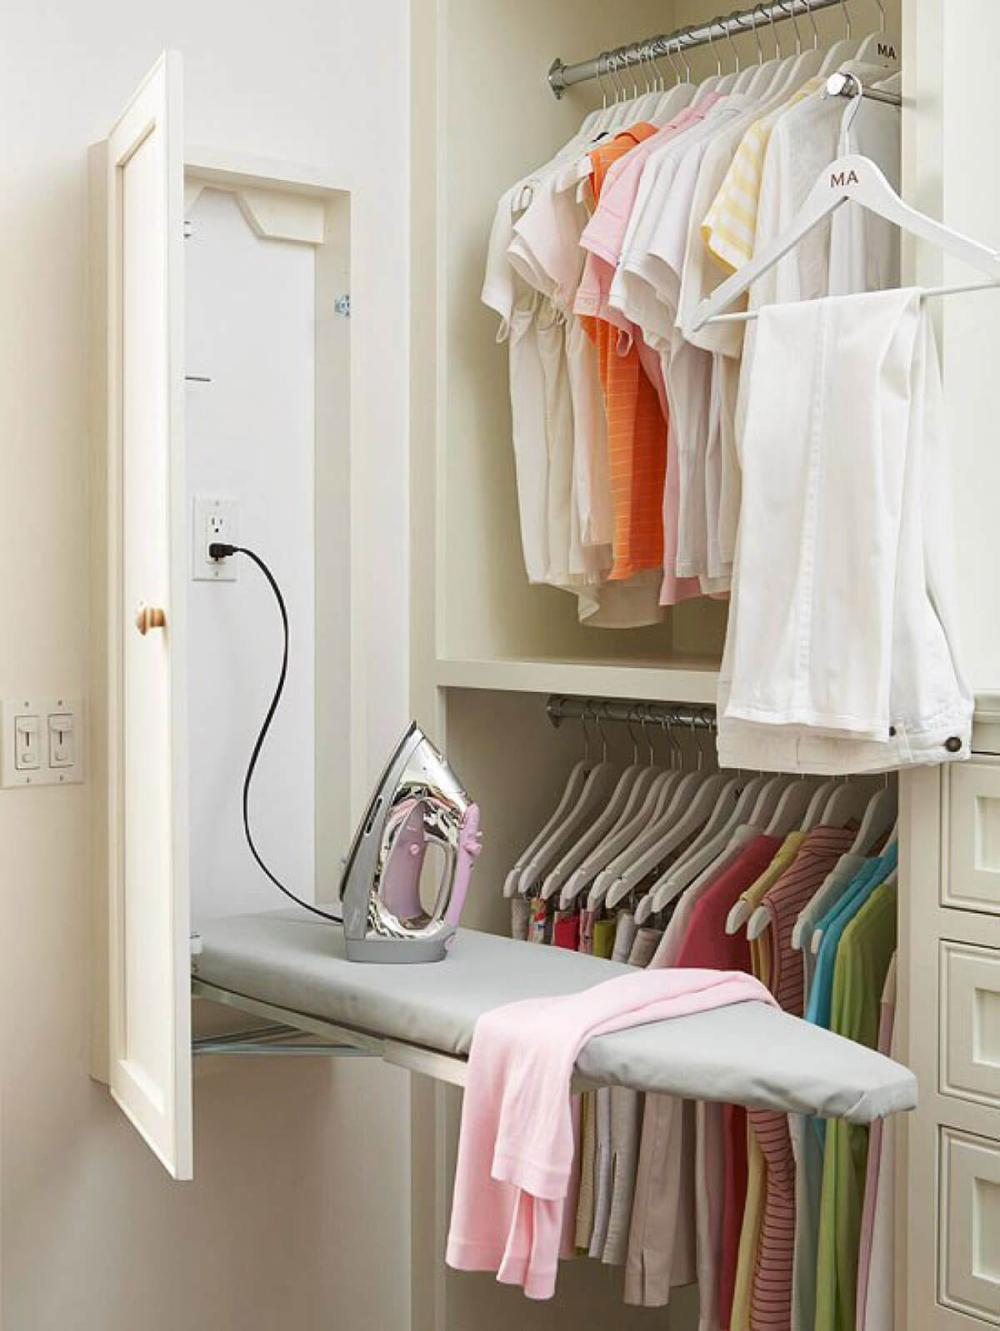 25 Fabulous Built In Storage Ideas To Maximize Your Living Space Ruang Cuci Baju Ruang Cuci Bar Rumah